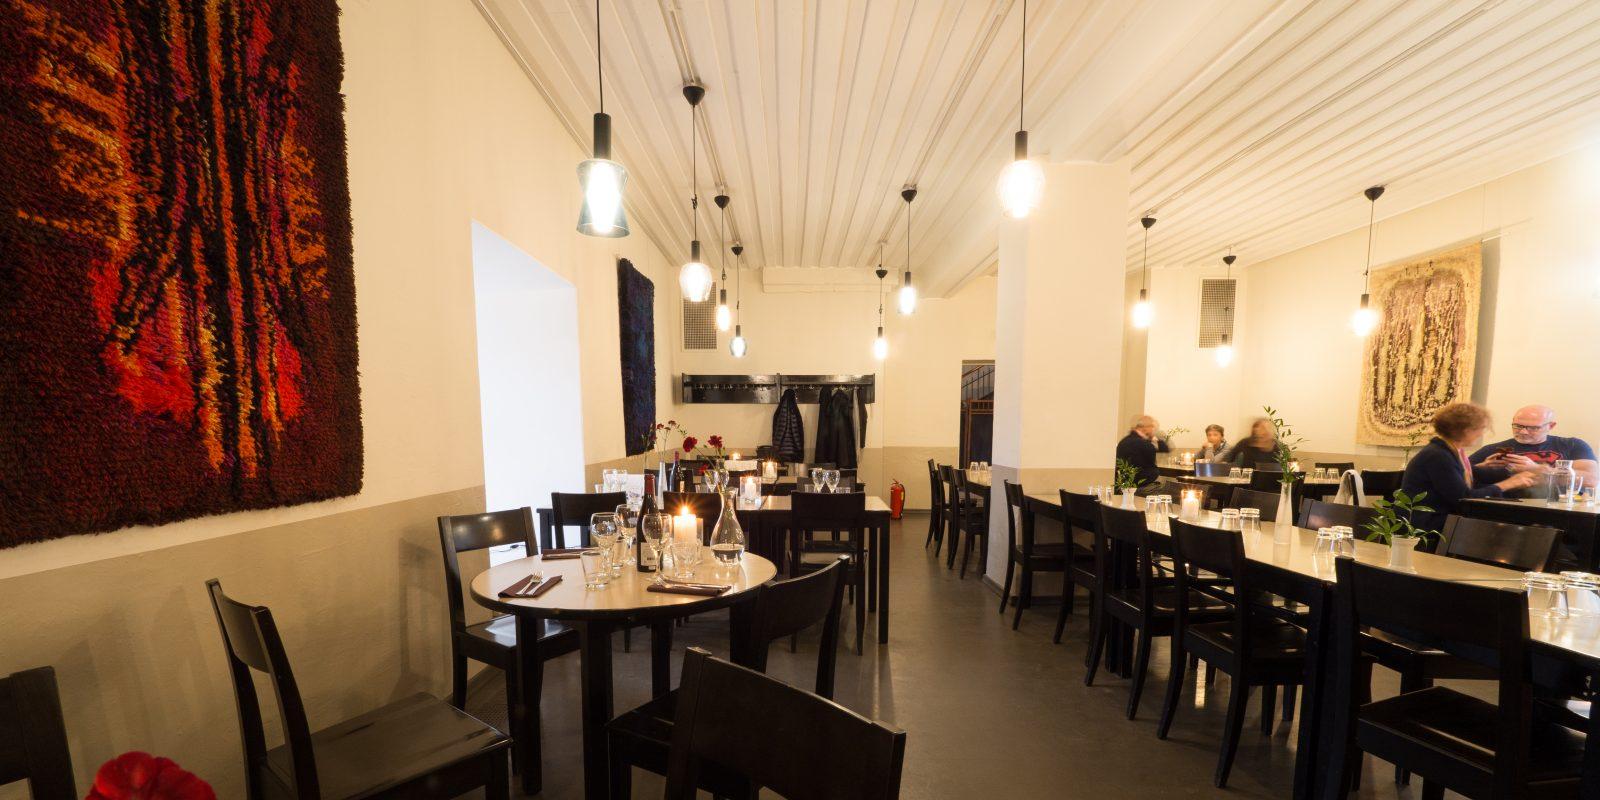 Kuvassa ravintola sisältä tunnelmallisessa valossa. Ihmisä syö pöydän ääressä.